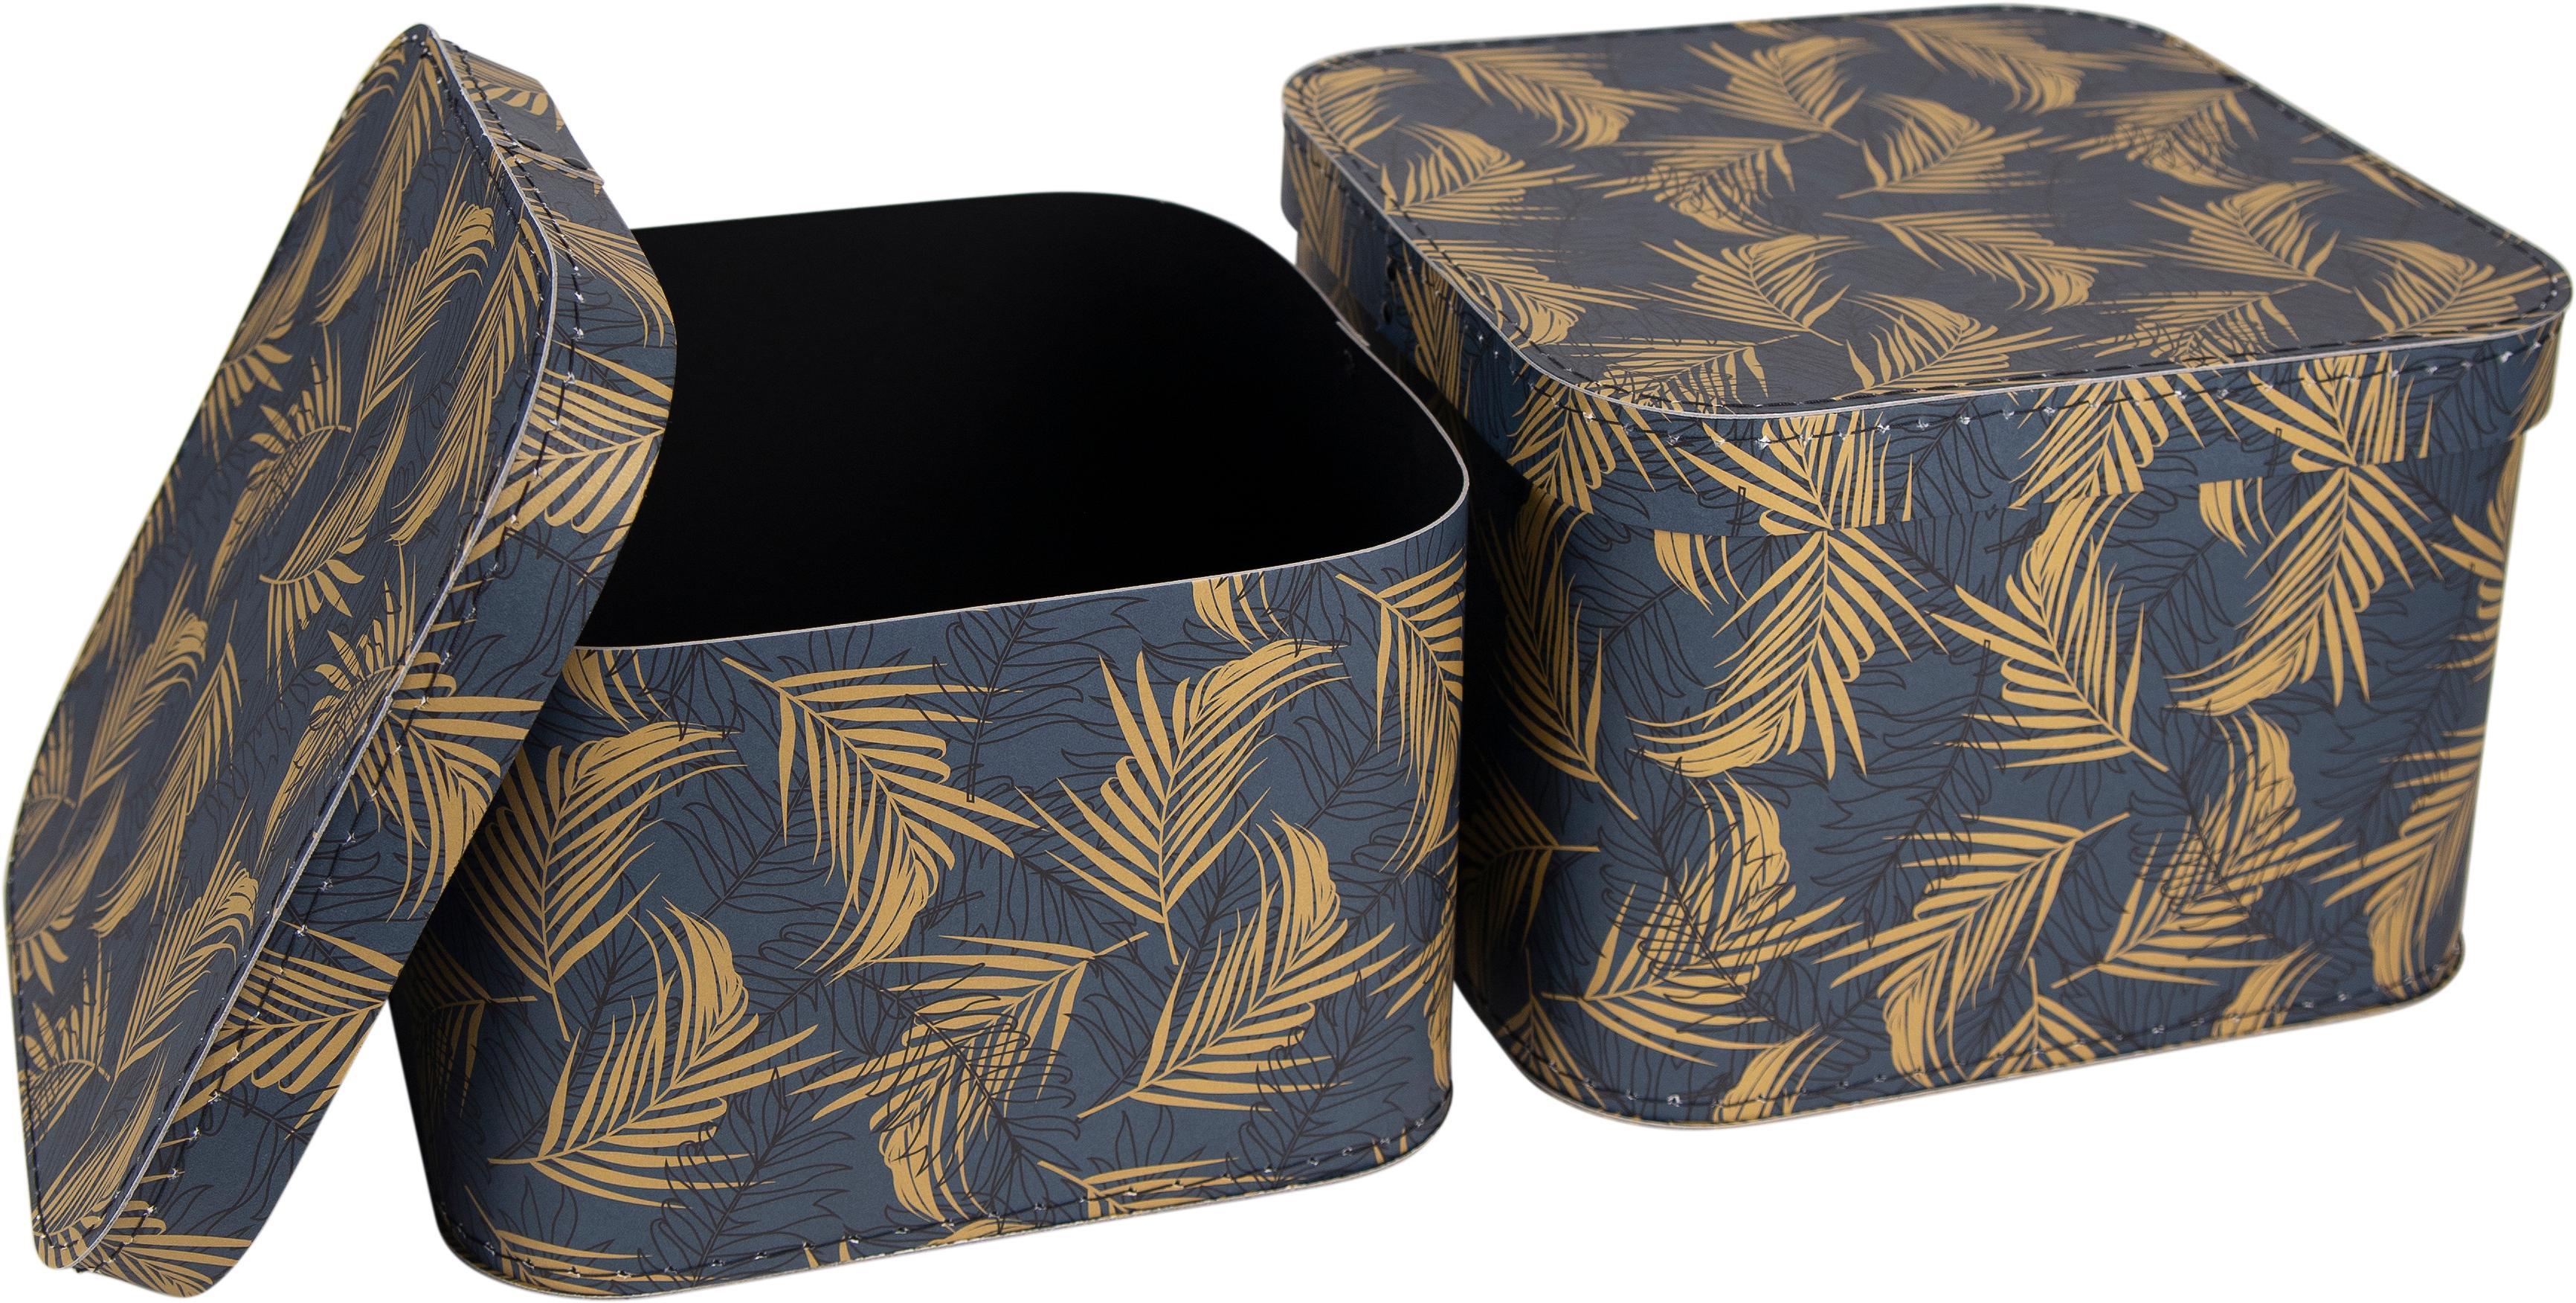 Opbergdozenset Ludvig, 2-delig, Stevig, gelamineerd karton, Goudkleurig, grijsblauw, Set met verschillende formaten